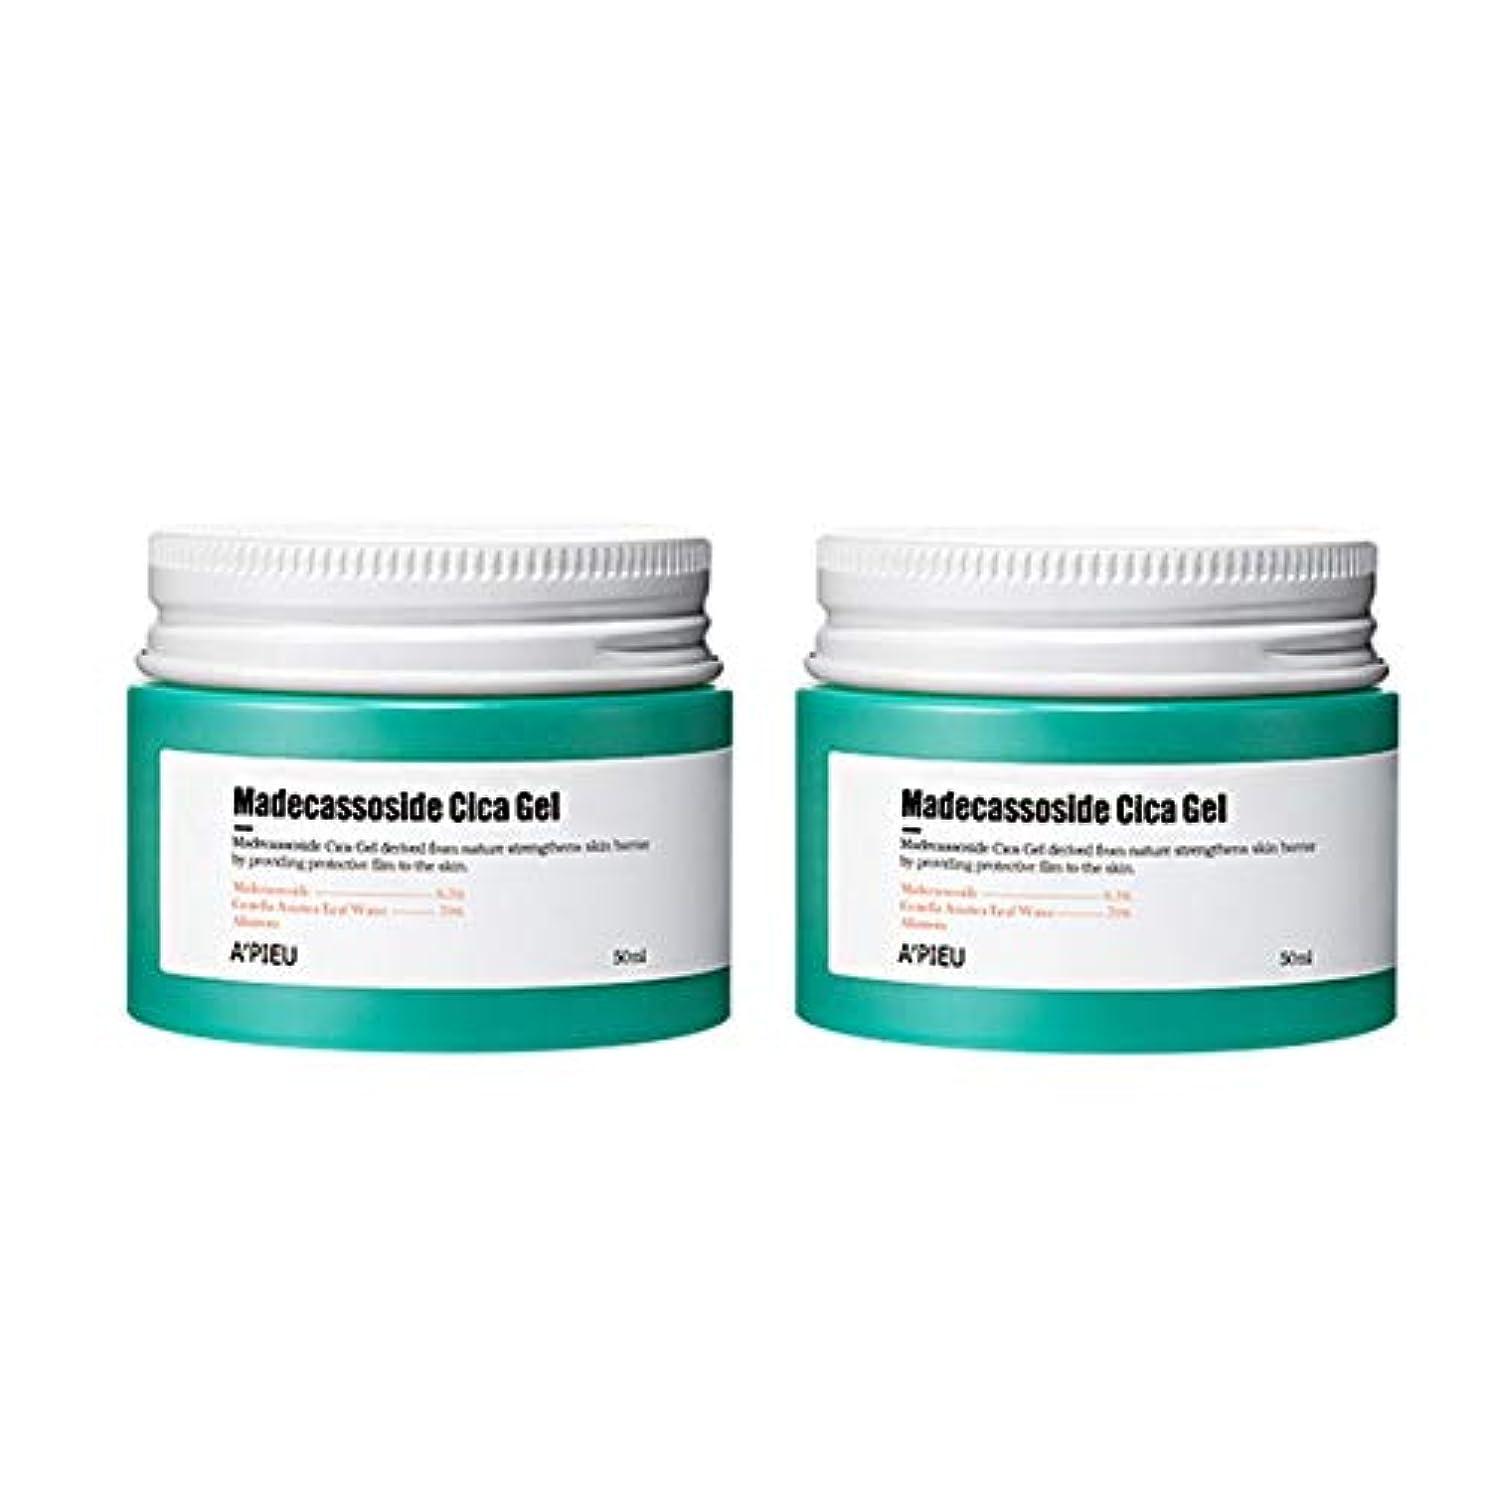 スパイ隠す増幅器オピュマデカソサイドシカゲル50ml x2本セット皮膚の損傷の改善、A'pieu Madecassoside Cica Gel 50ml x 2ea Set Skin Damage Care [並行輸入品]